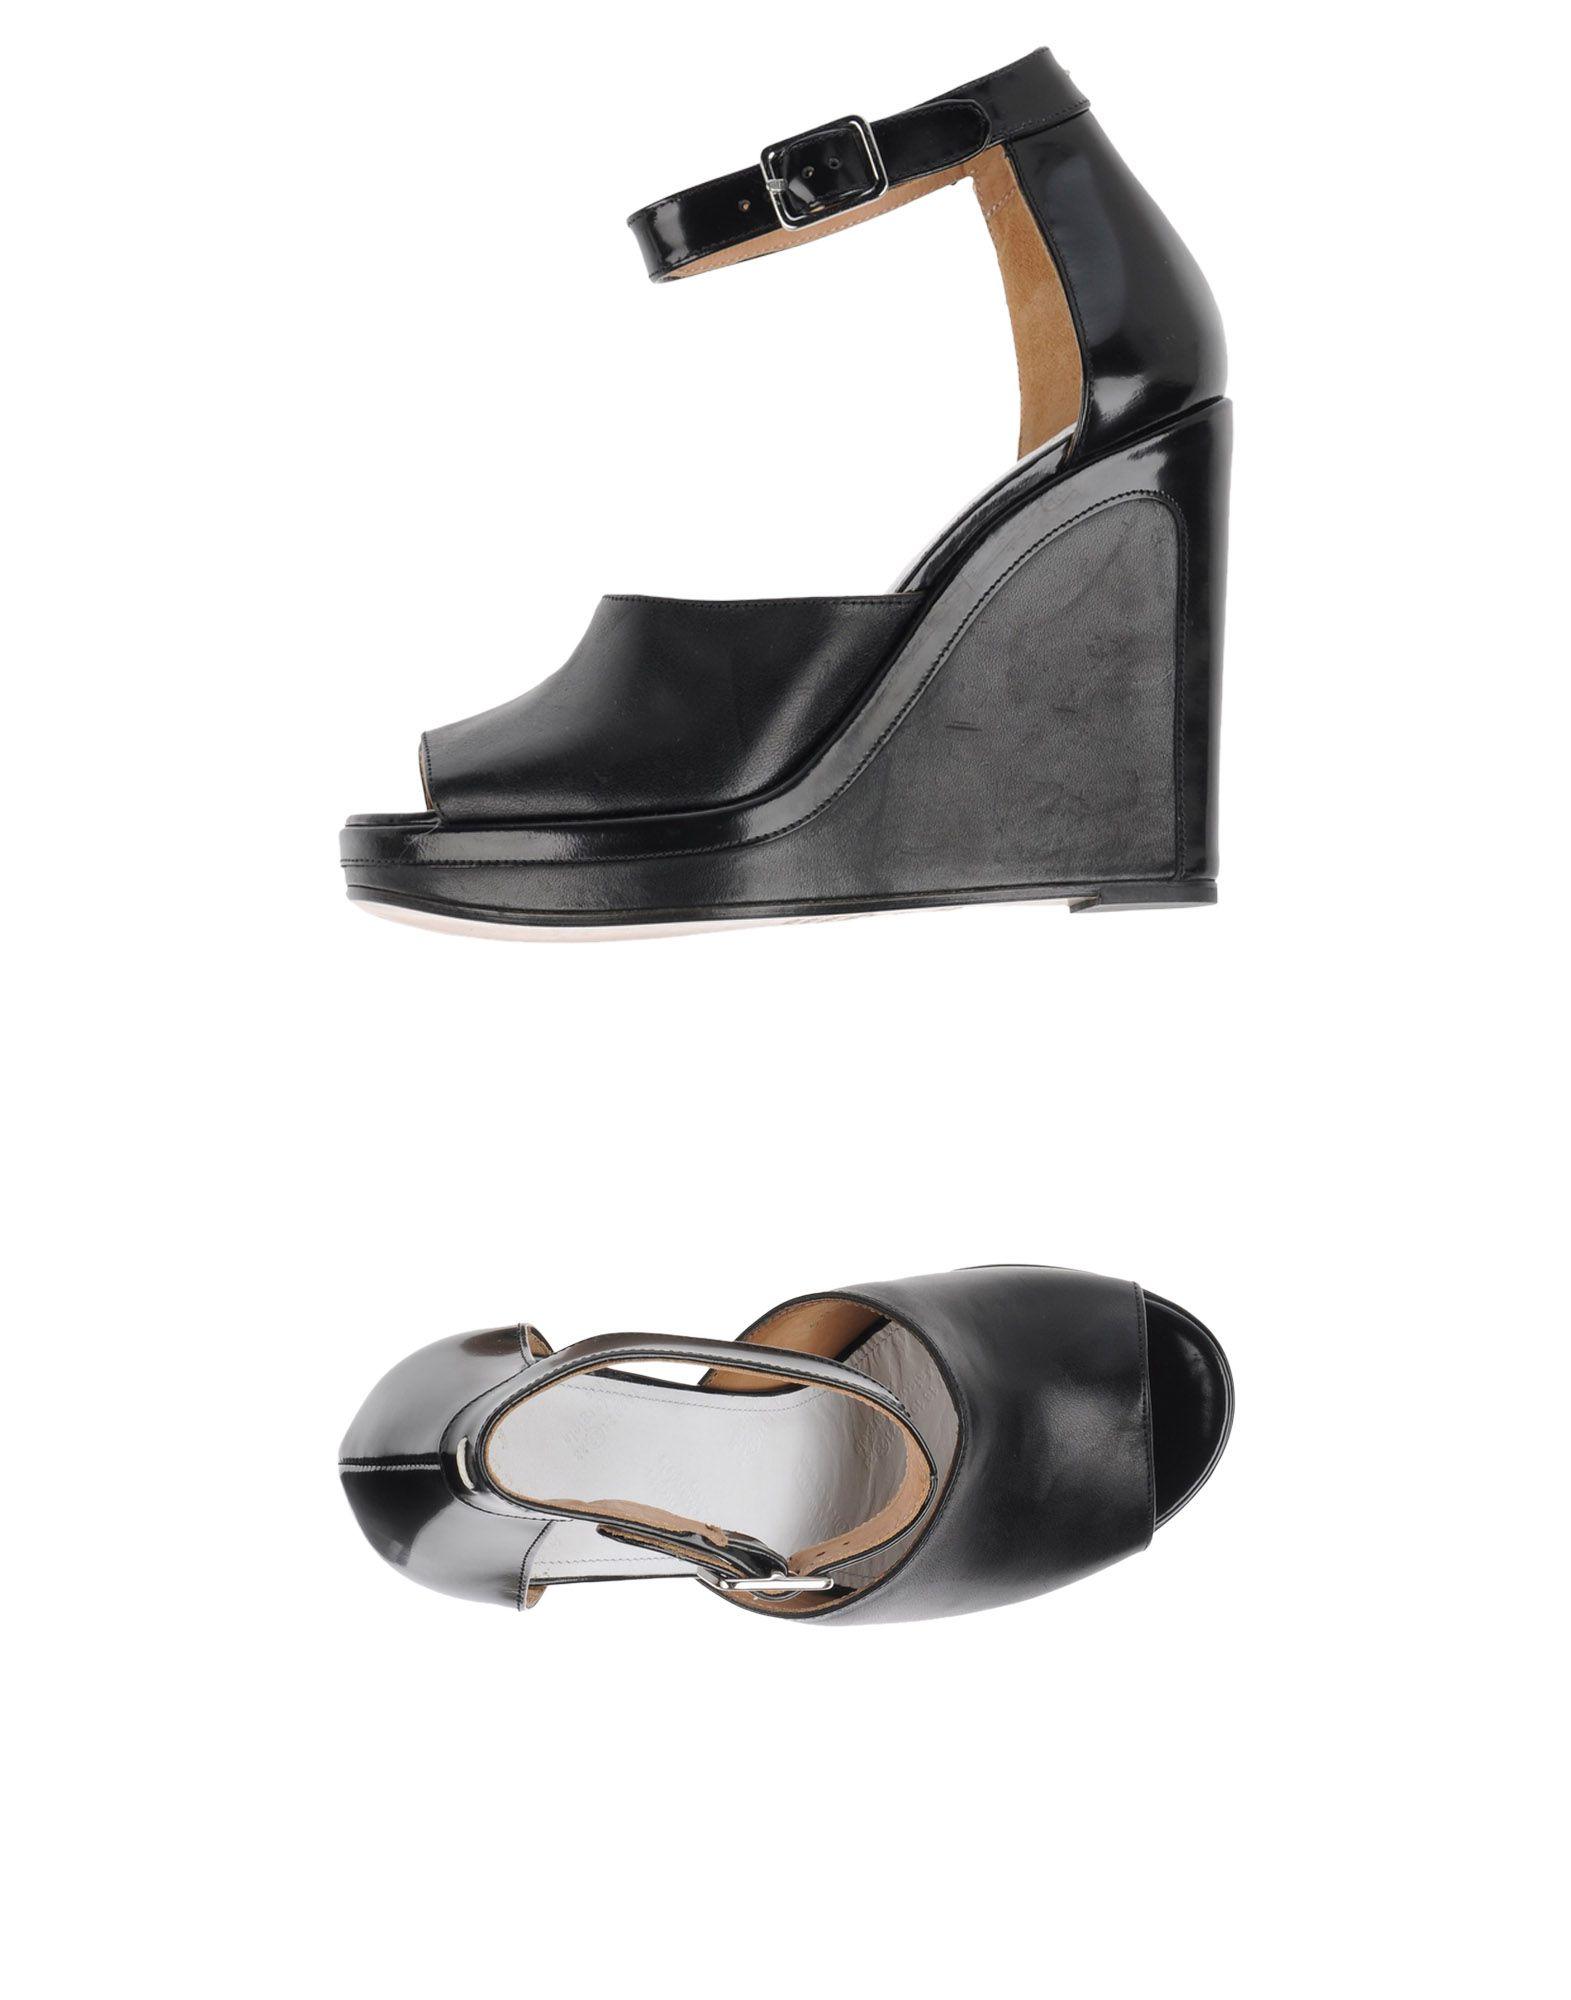 Maison Margiela Neue Sandalen Damen  11212054VB Neue Margiela Schuhe b6d95e